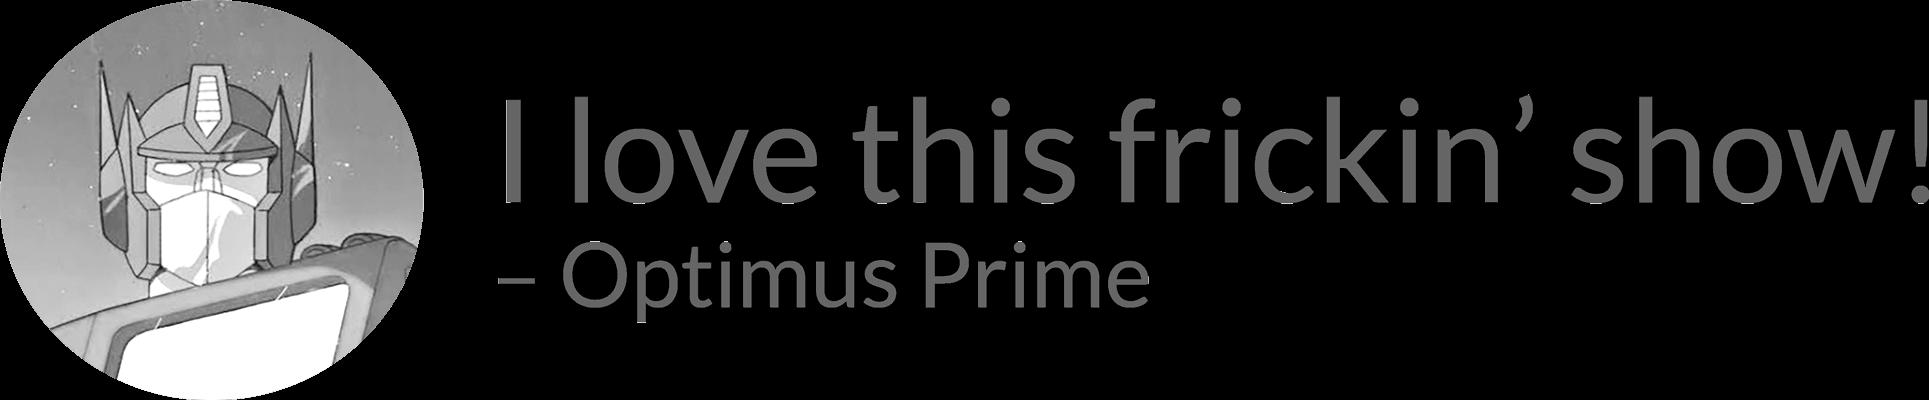 Image: portrait of Optimus Prime